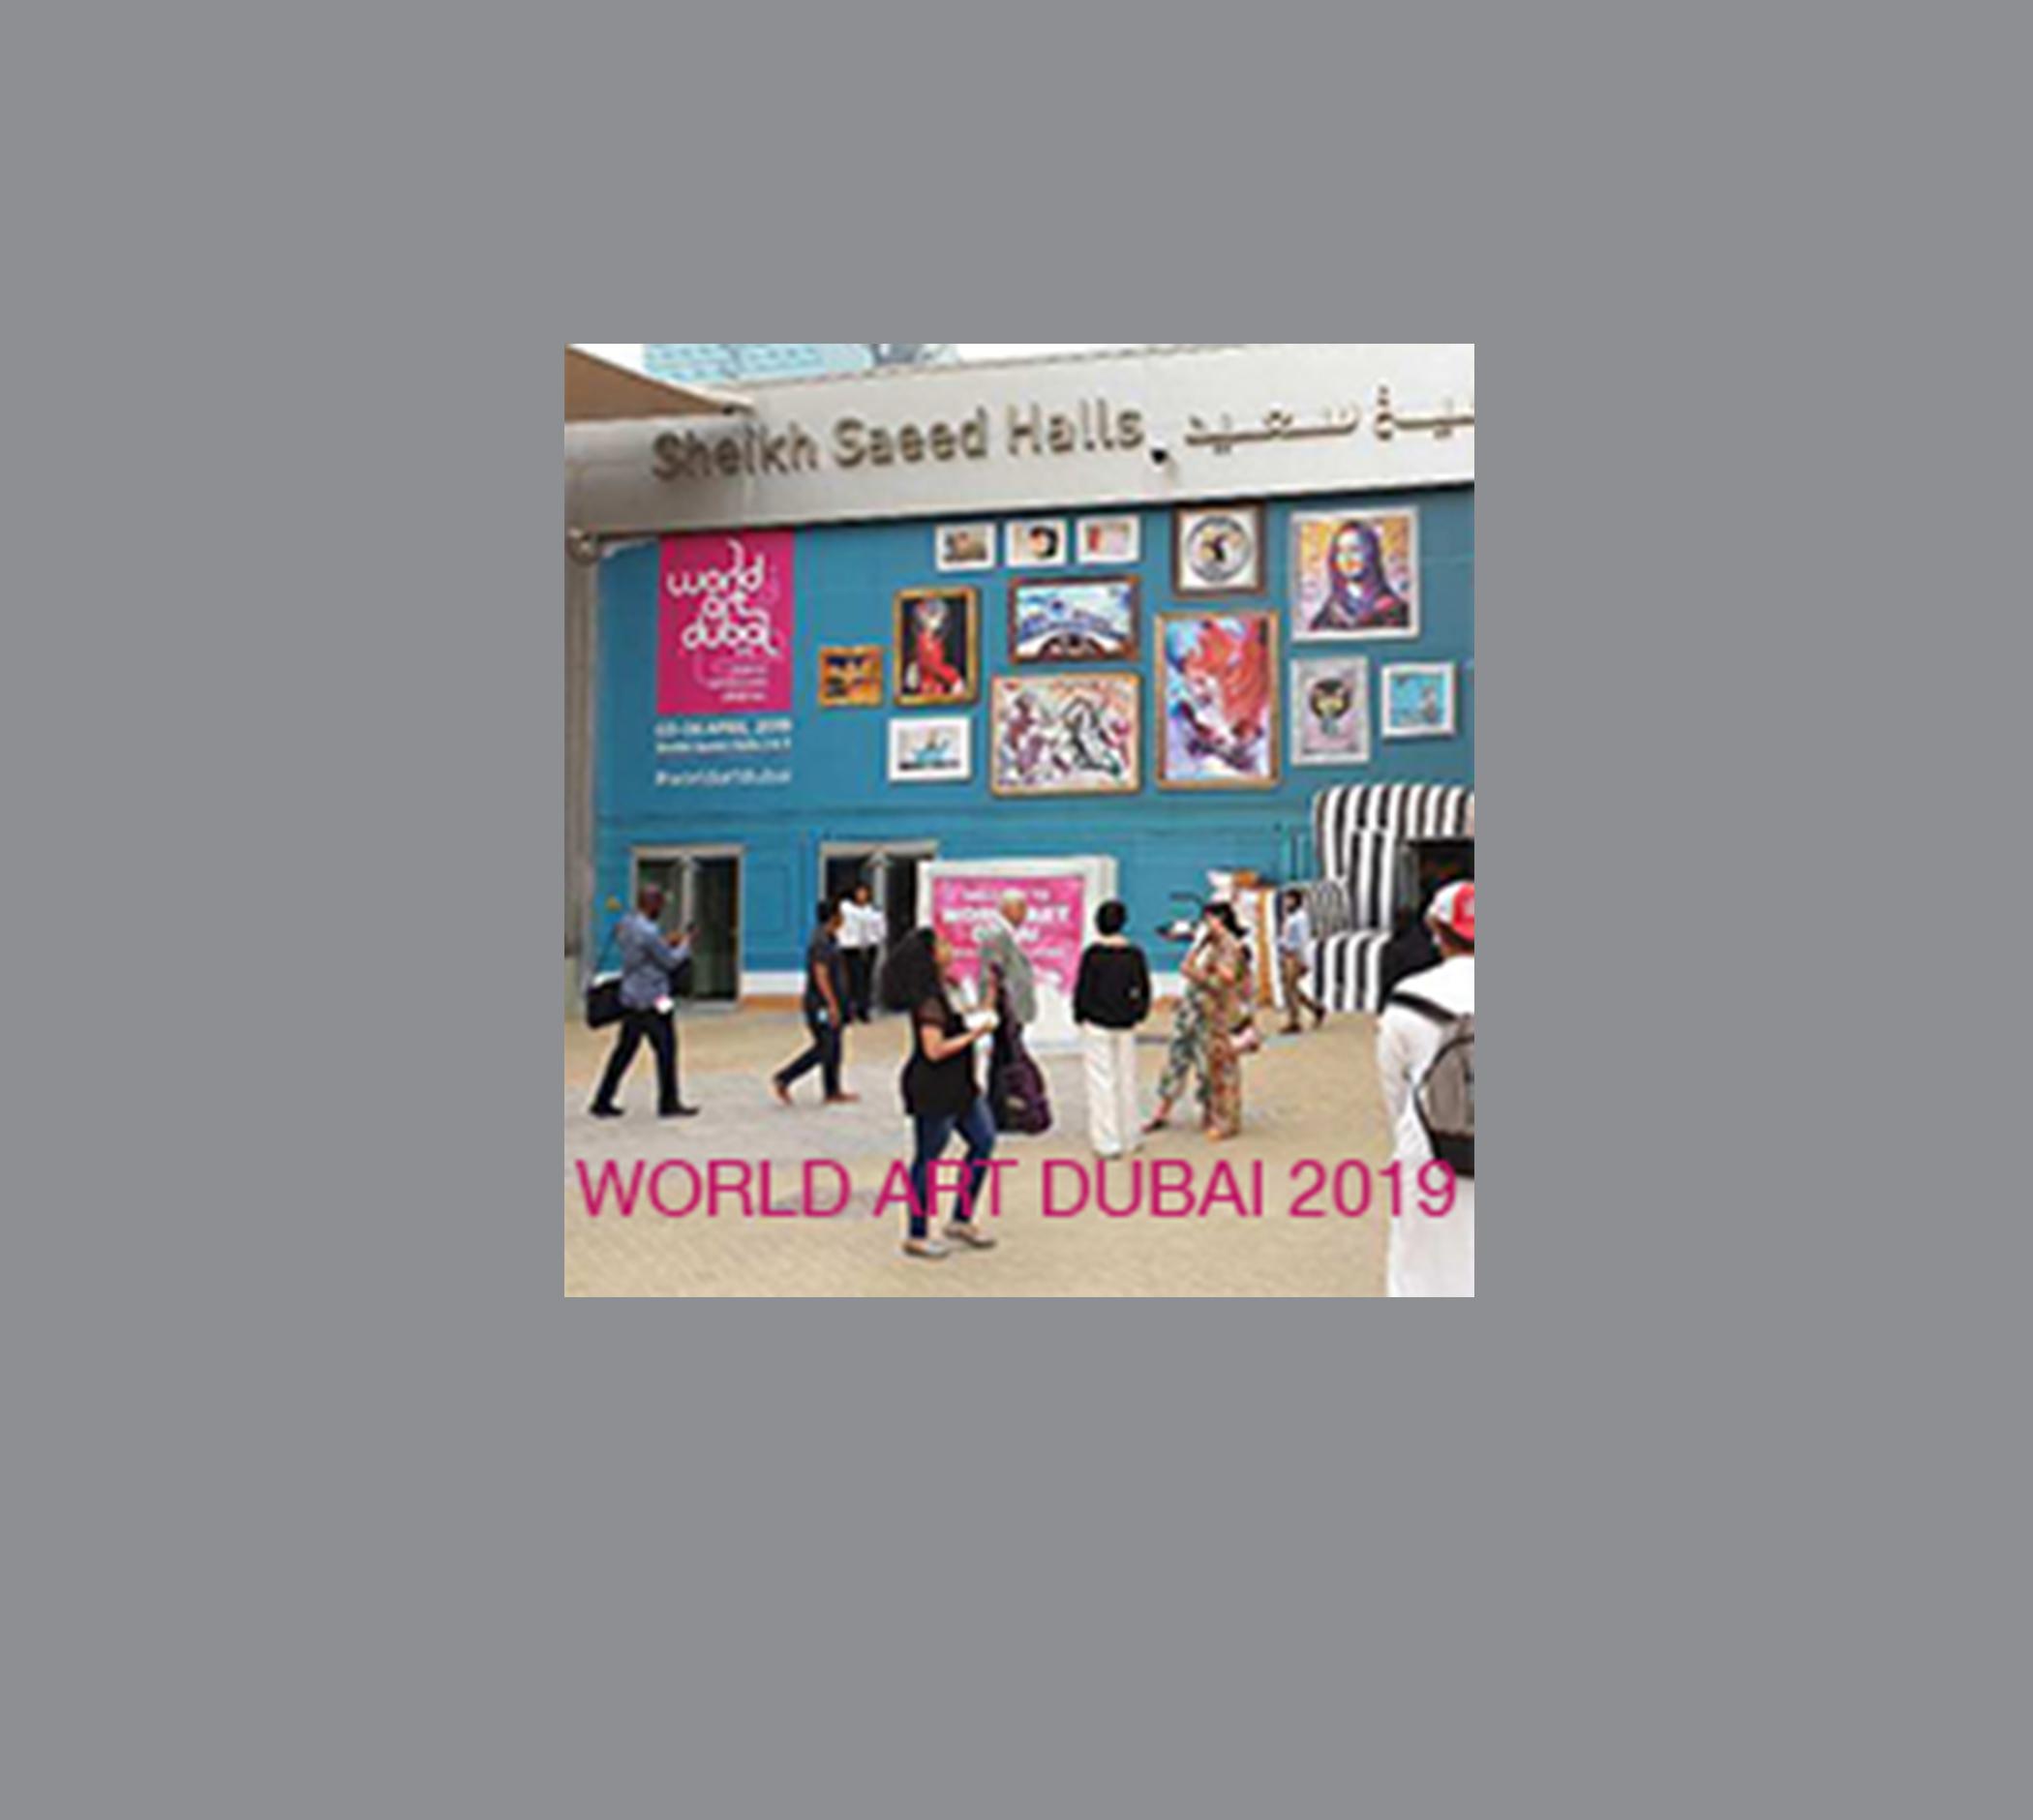 PROMO ART DUBAI.jpg